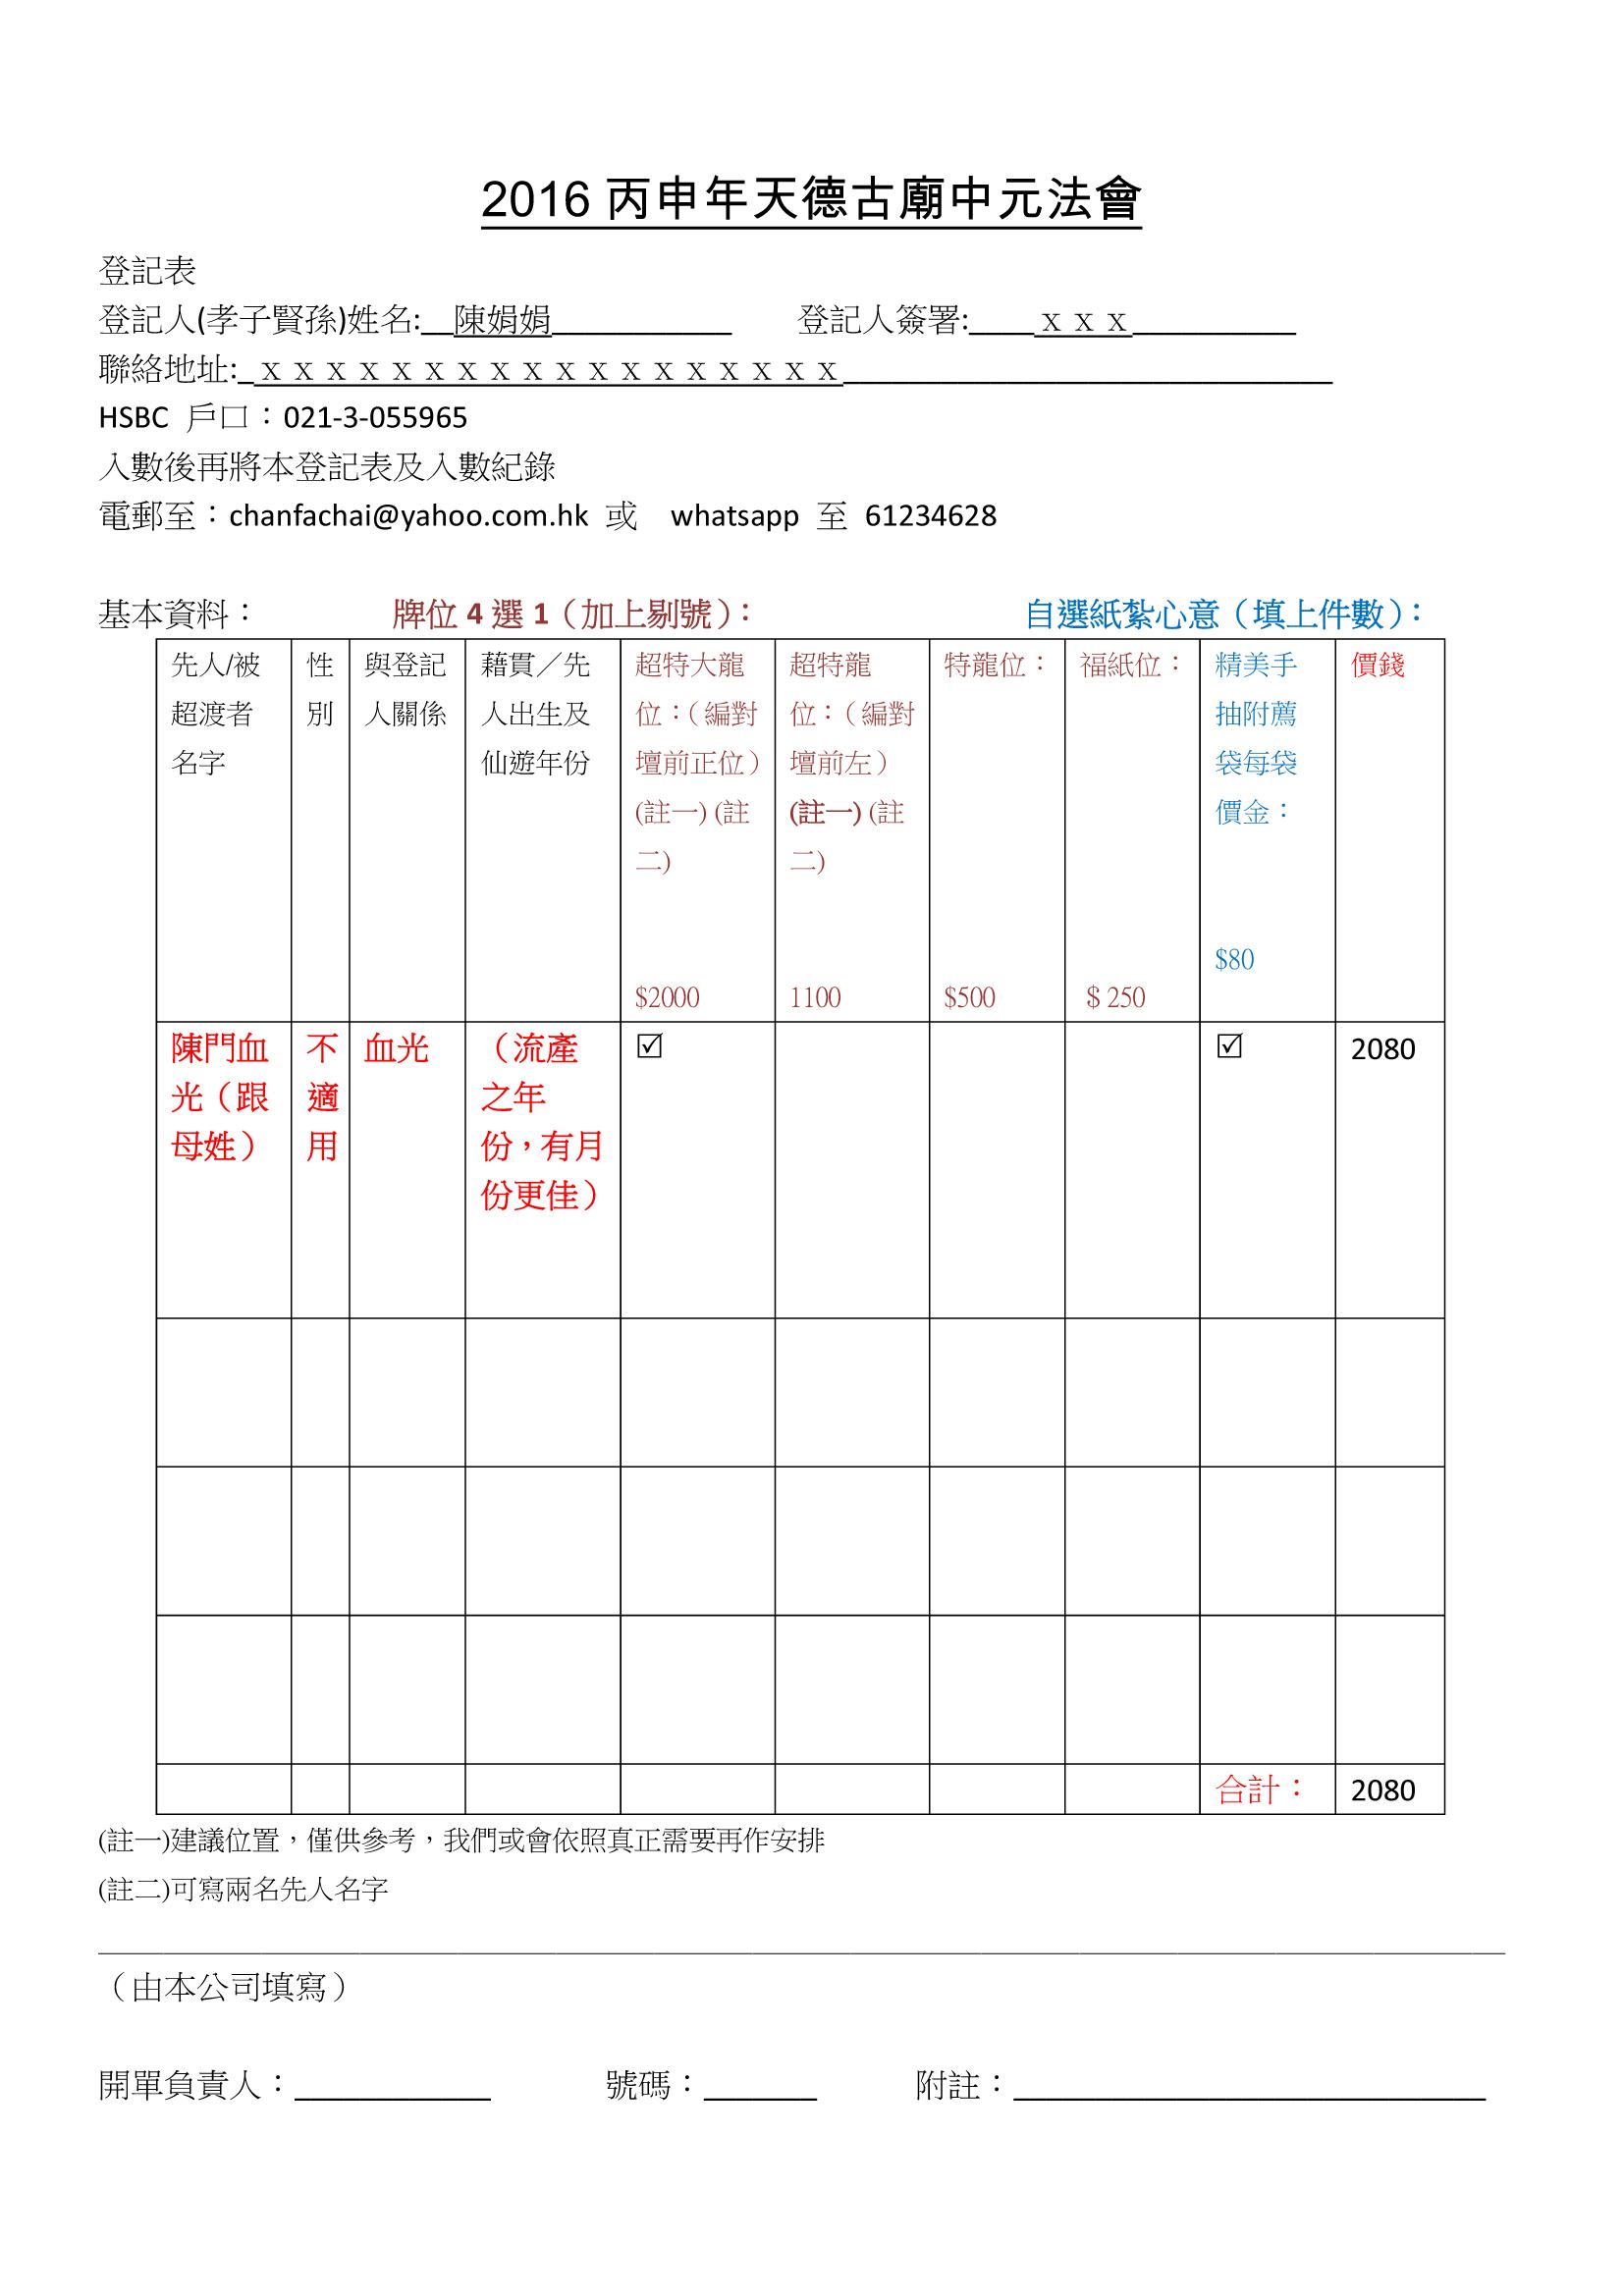 靈嬰超渡例—2016丙申年天德古廟中元祭祖法會登記表(2)